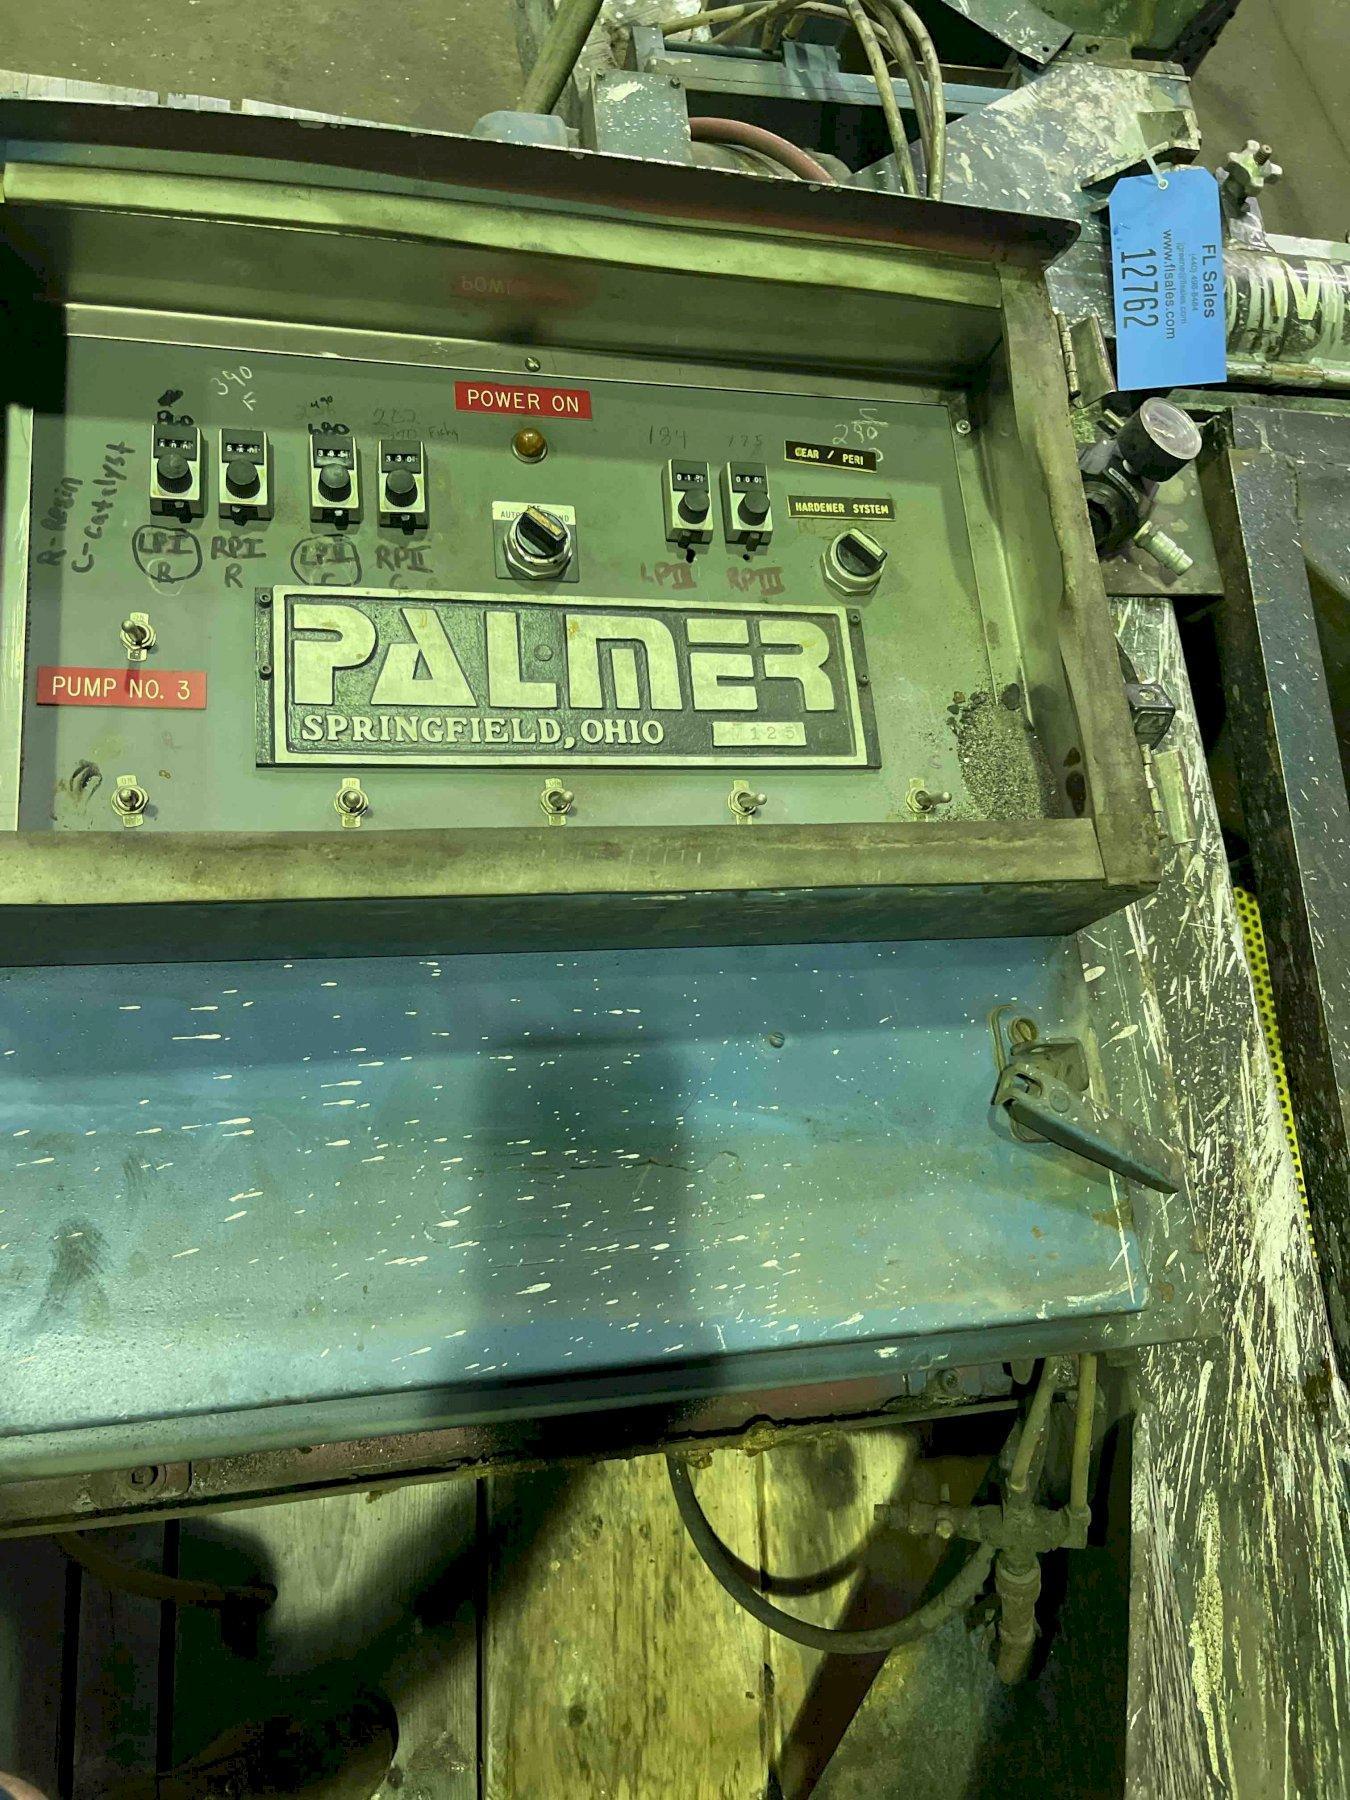 帕尔默m50型50#每分钟混合器s/n m125带泵,3台泵